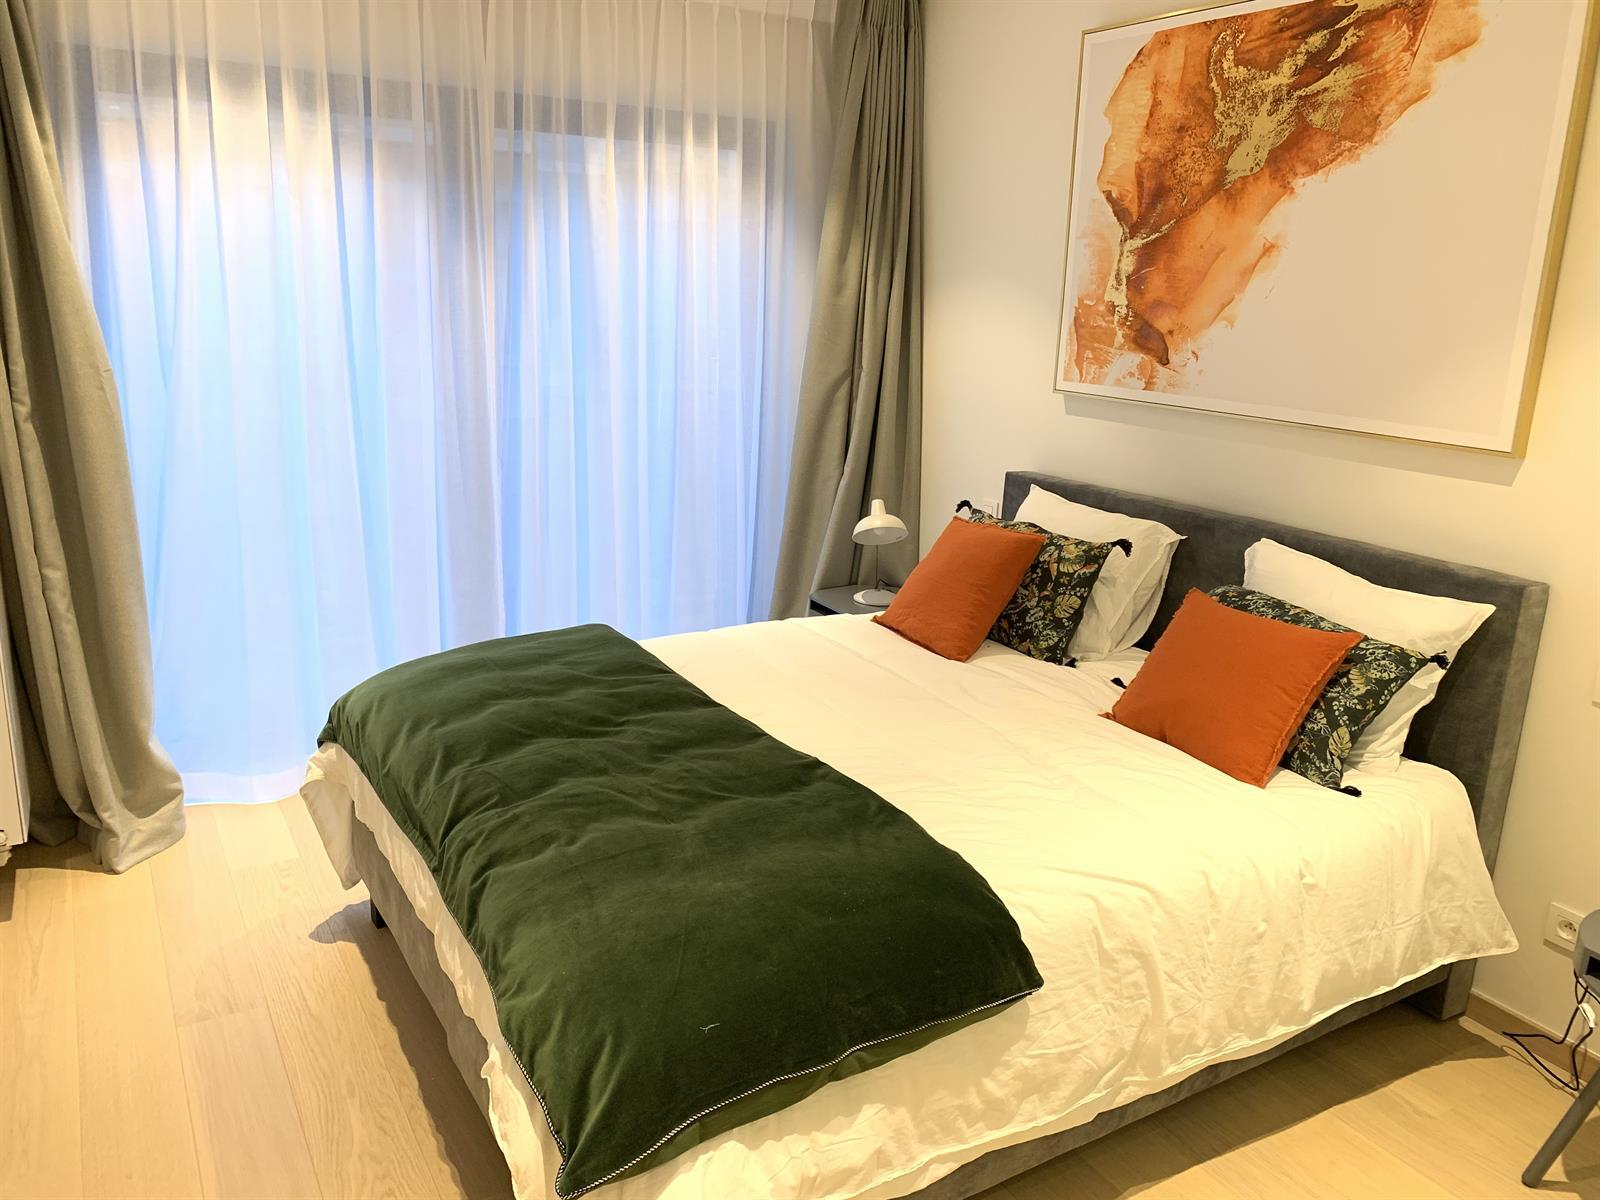 Appartement exceptionnel - Ixelles - #3929616-8